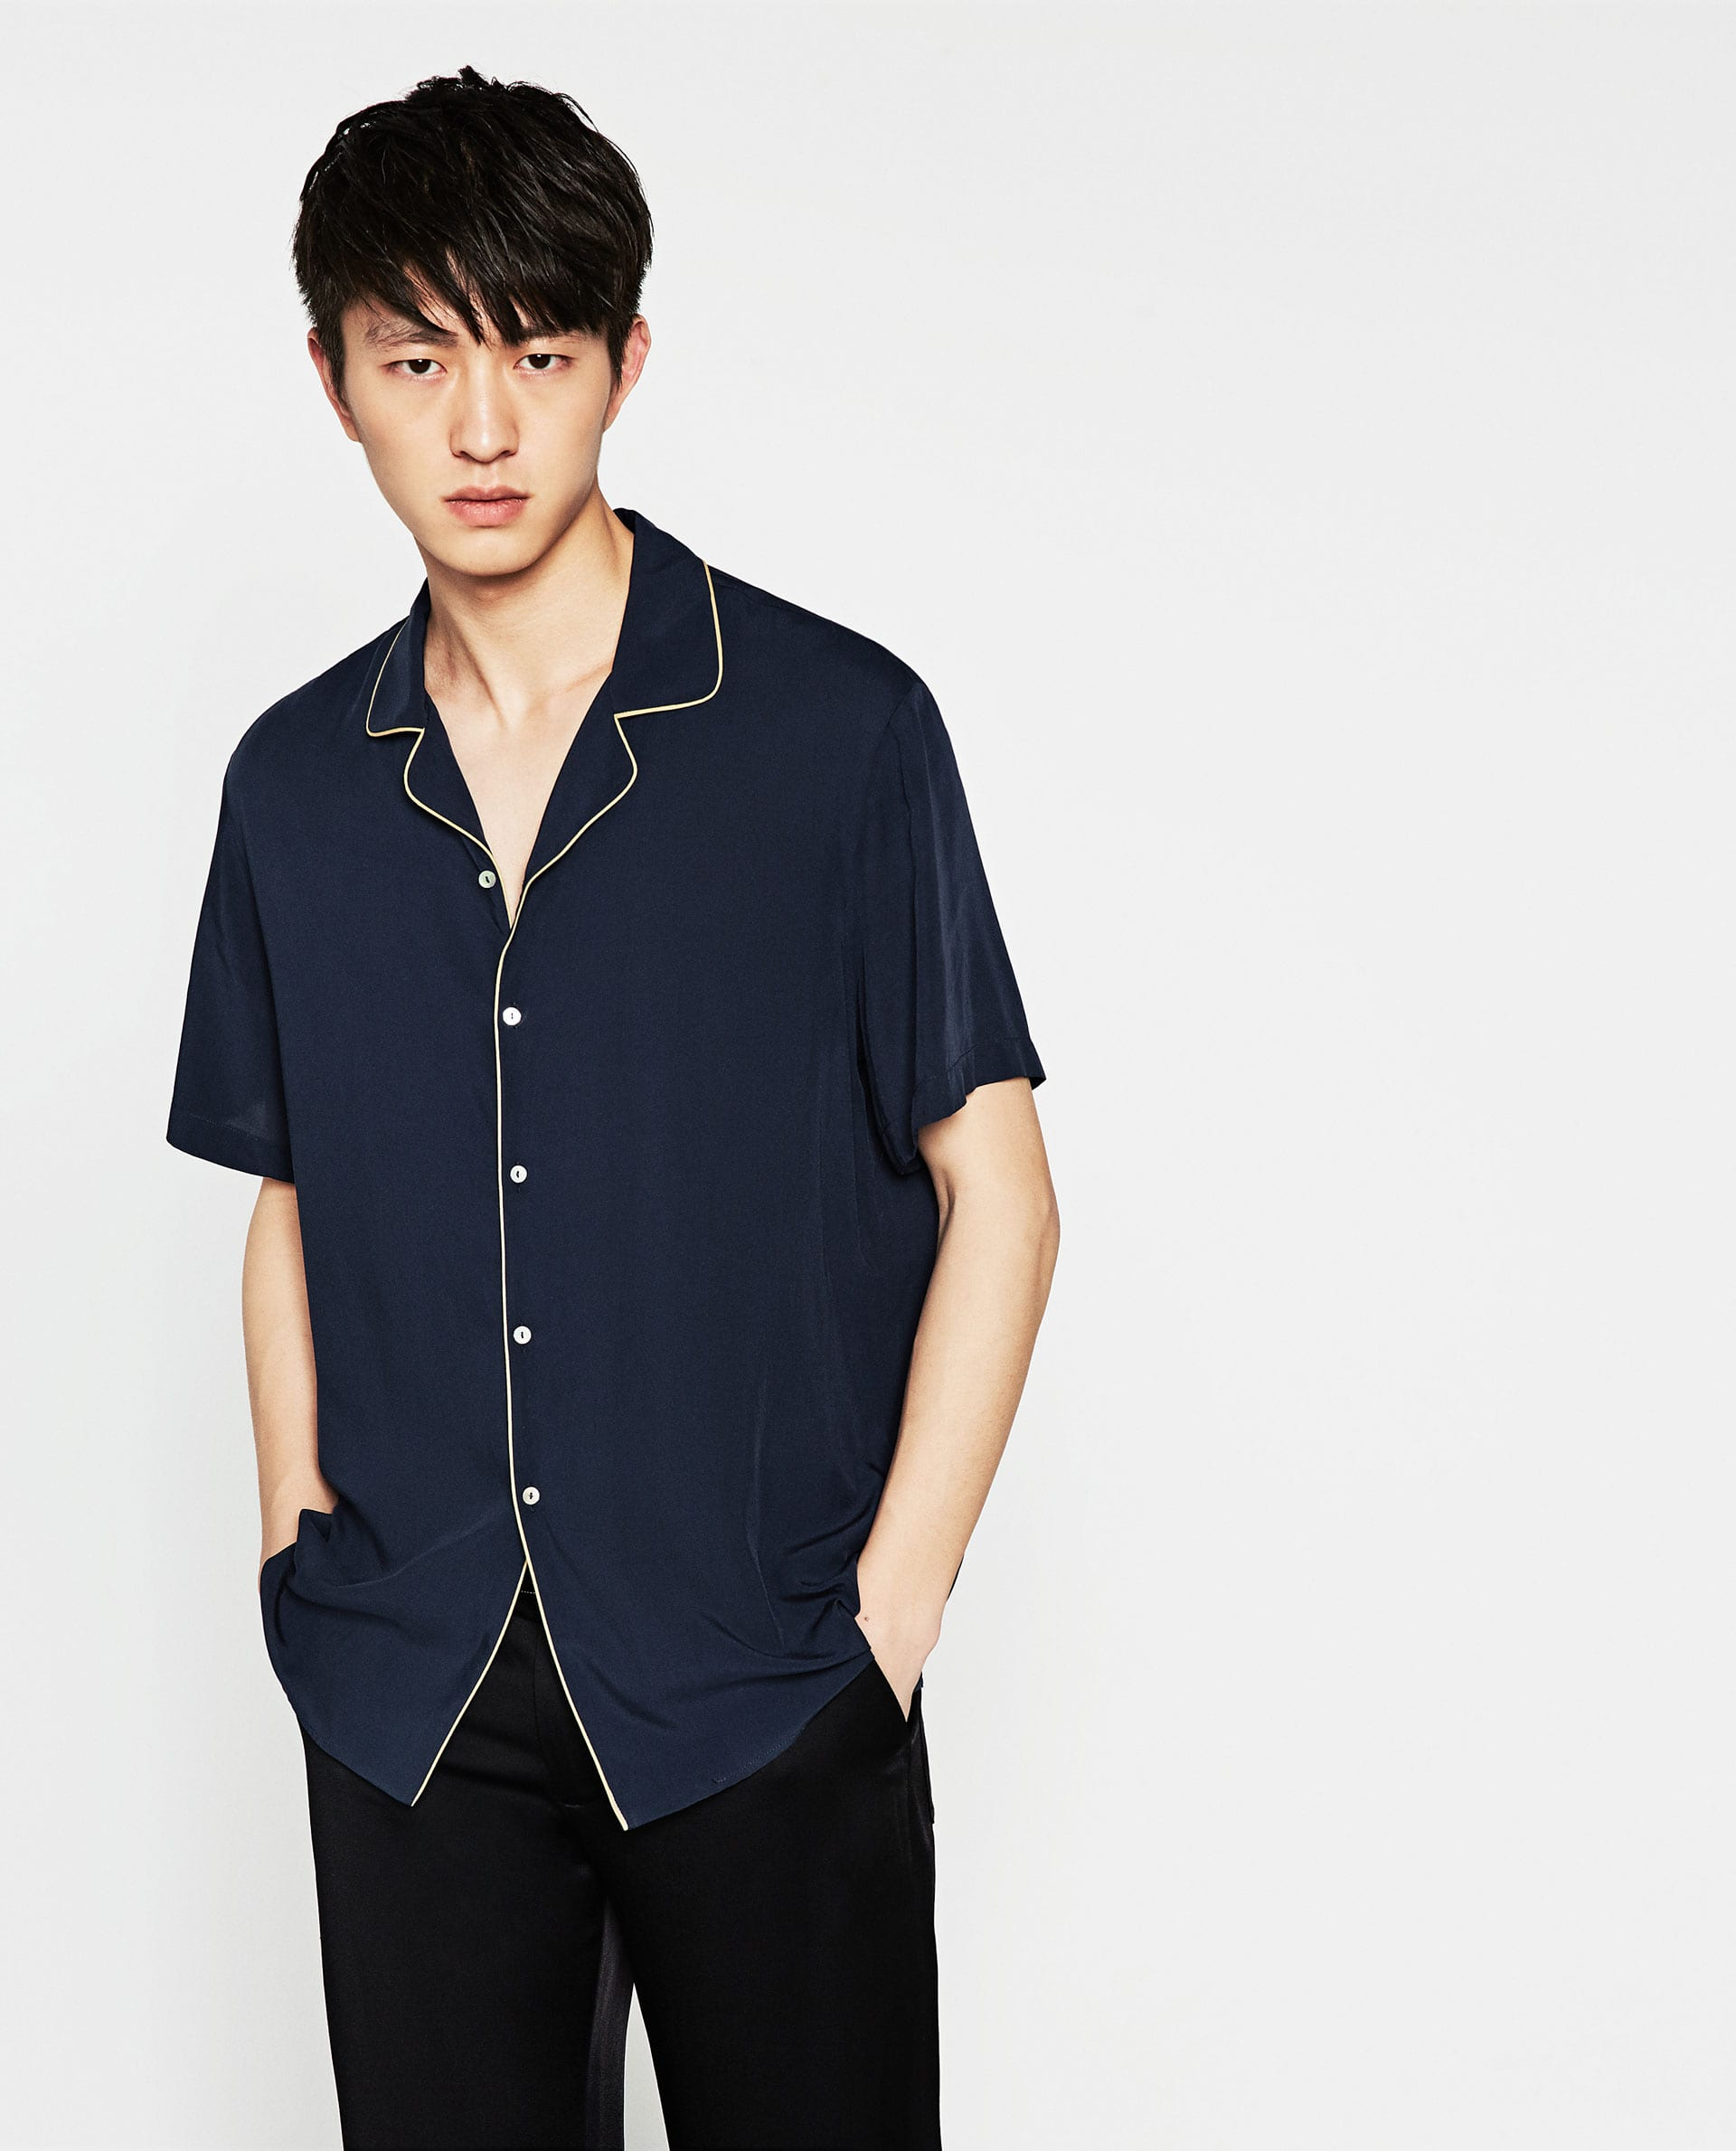 Alto Jersey Cuello Camiseta Hombre Zara1 RL5j34qcAS